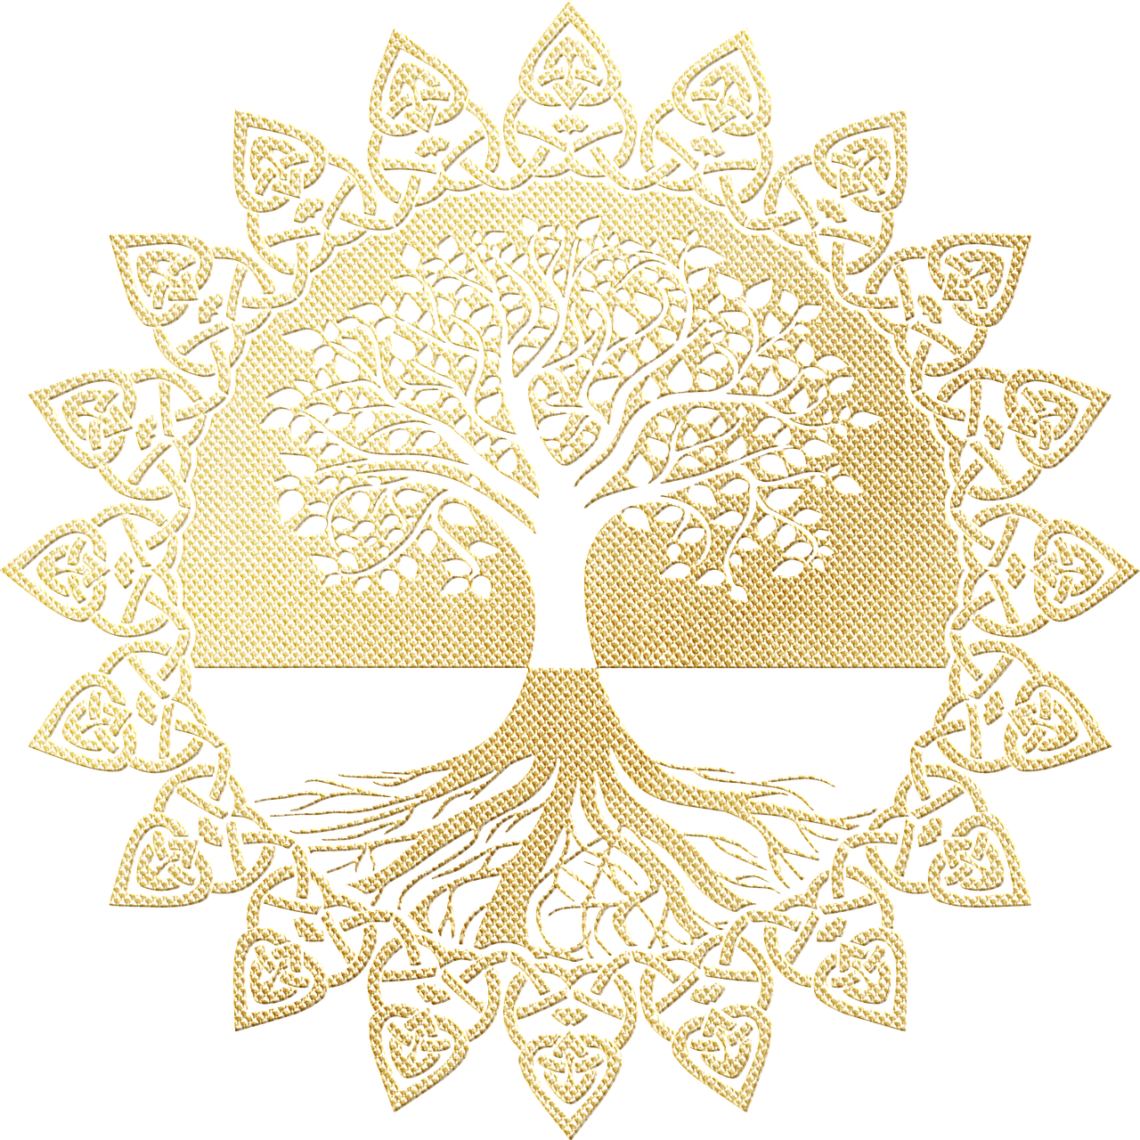 signification arbre de vie dans une décoration